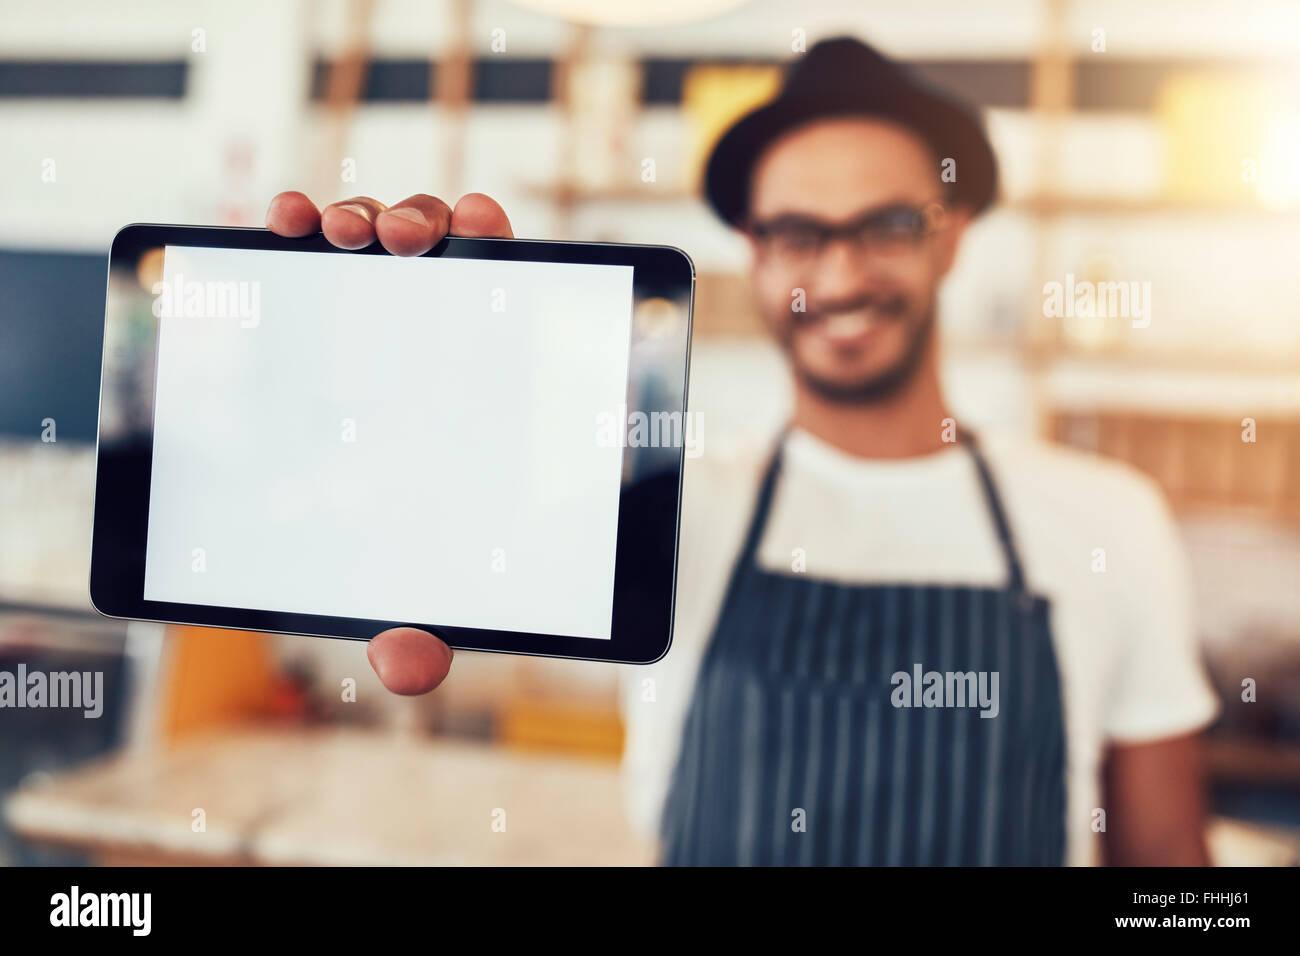 Close Up retrato de un hombre sosteniendo una tableta digital con una pantalla en blanco. Hombre trabajando en cafe Imagen De Stock